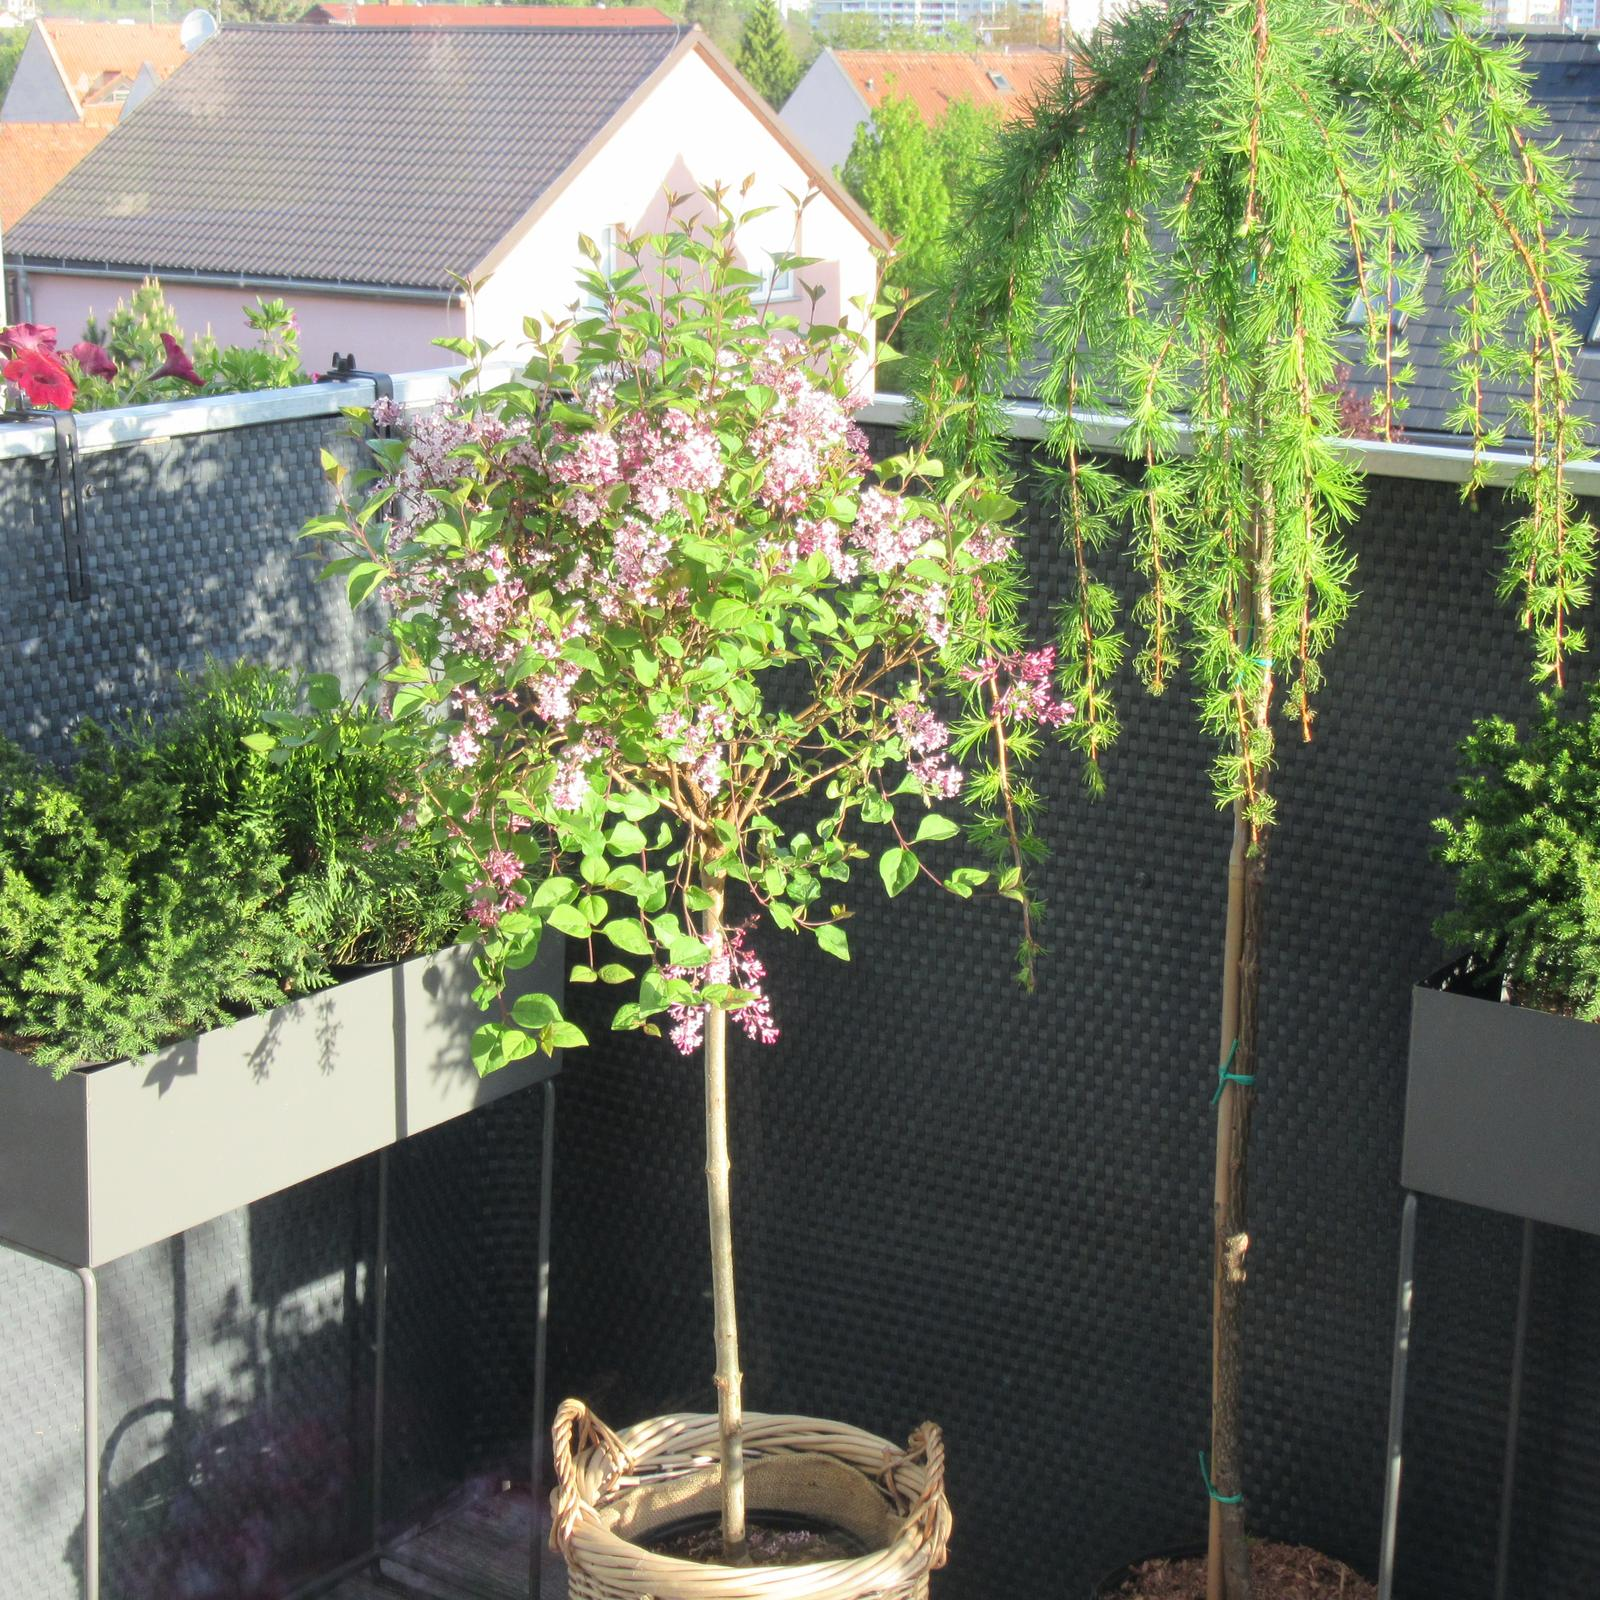 První rok bydlení - 2020 - Nové přírůstky na terase